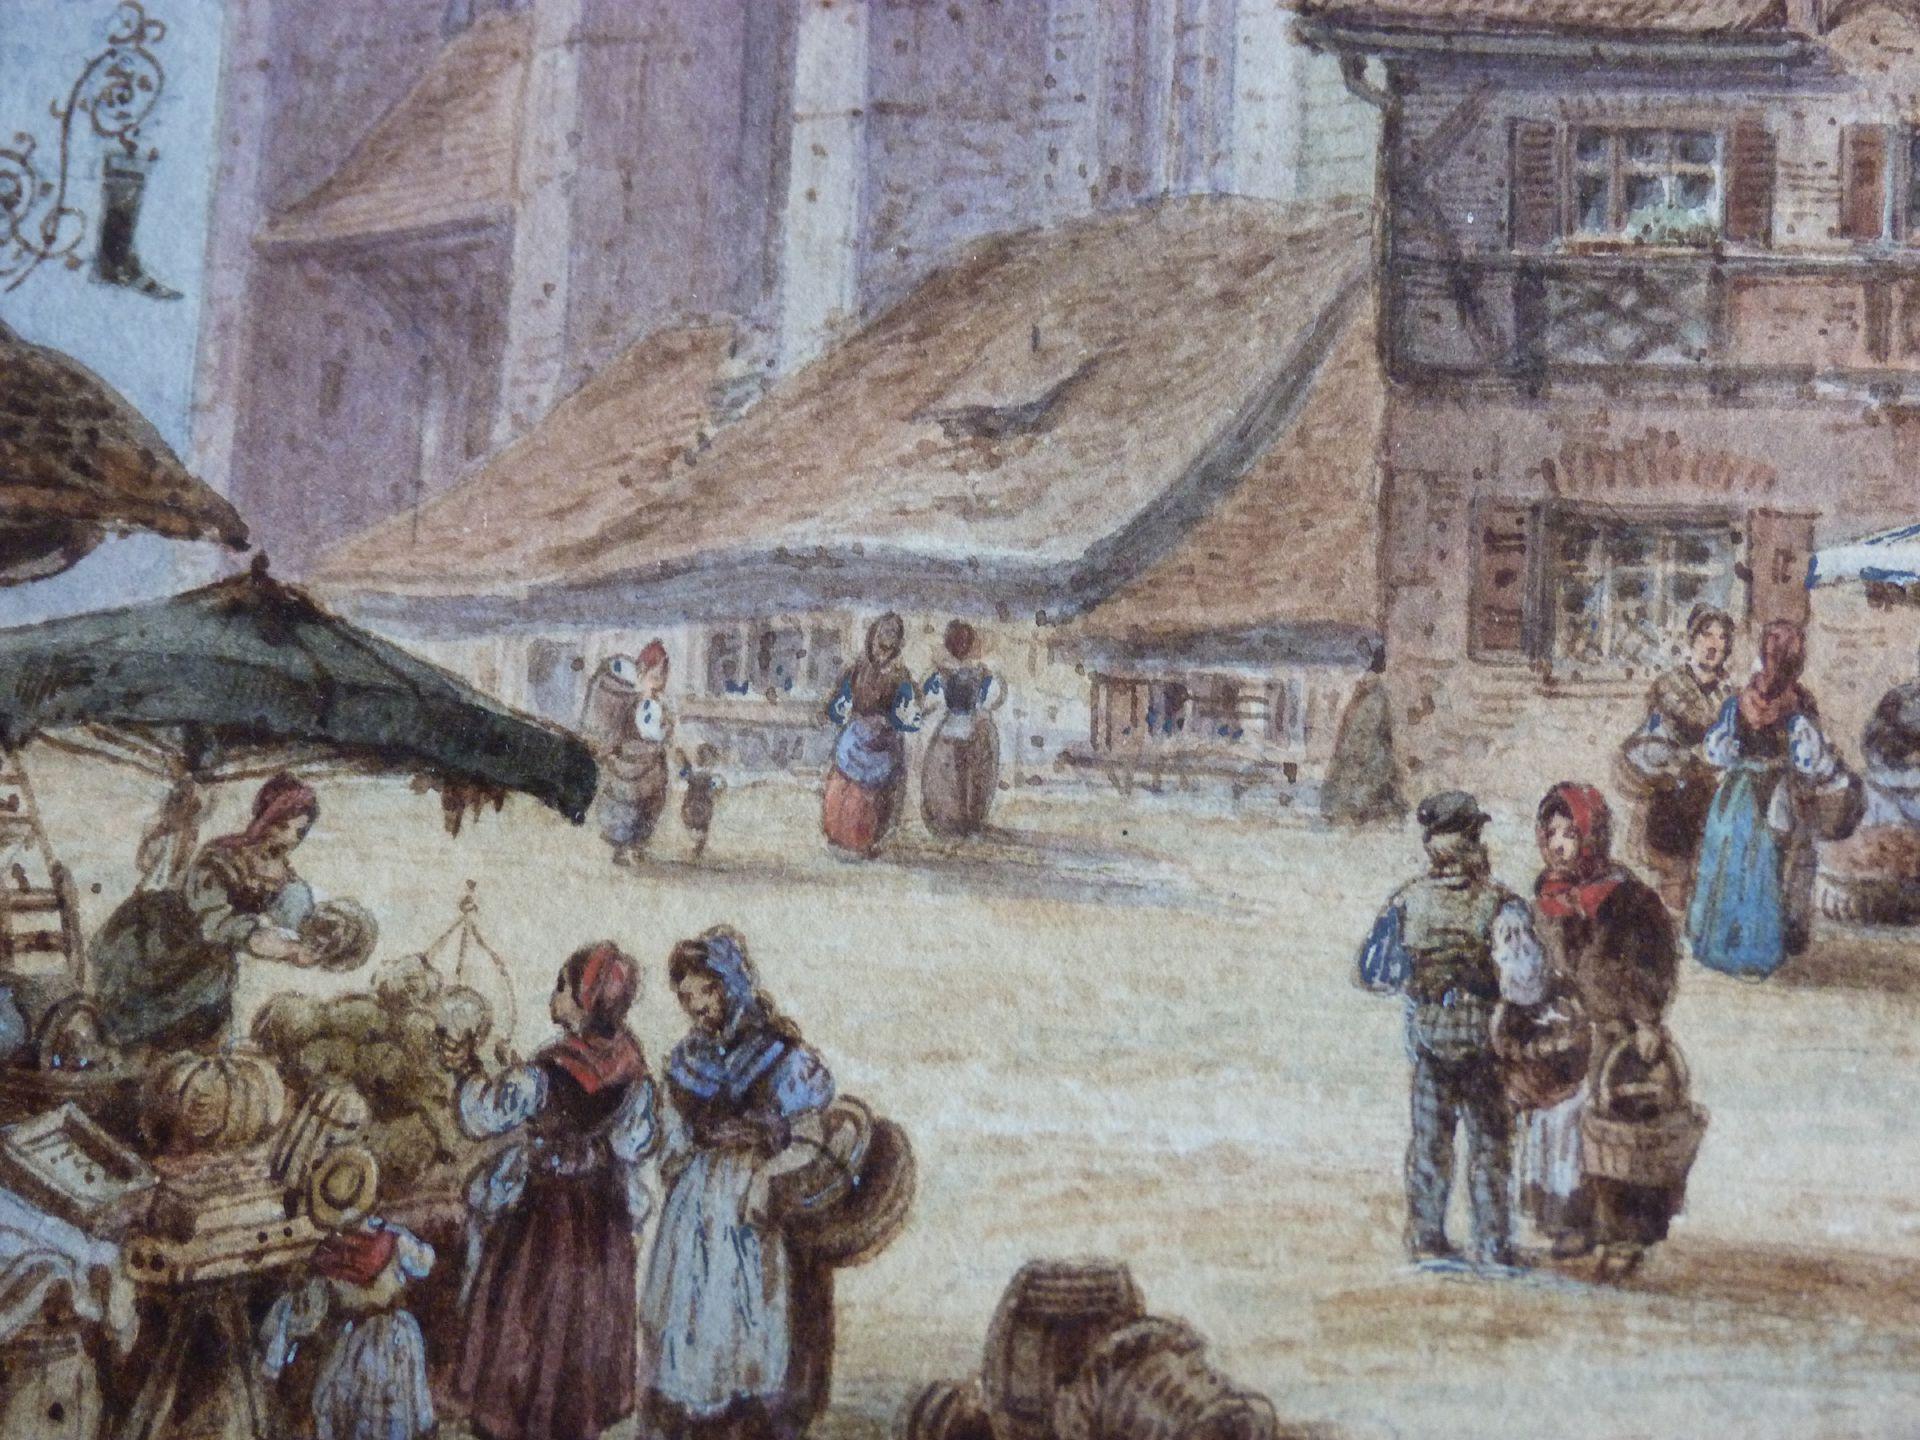 Frauenkirche mit Obstmarkt Obstmarkt mit Markttreiben